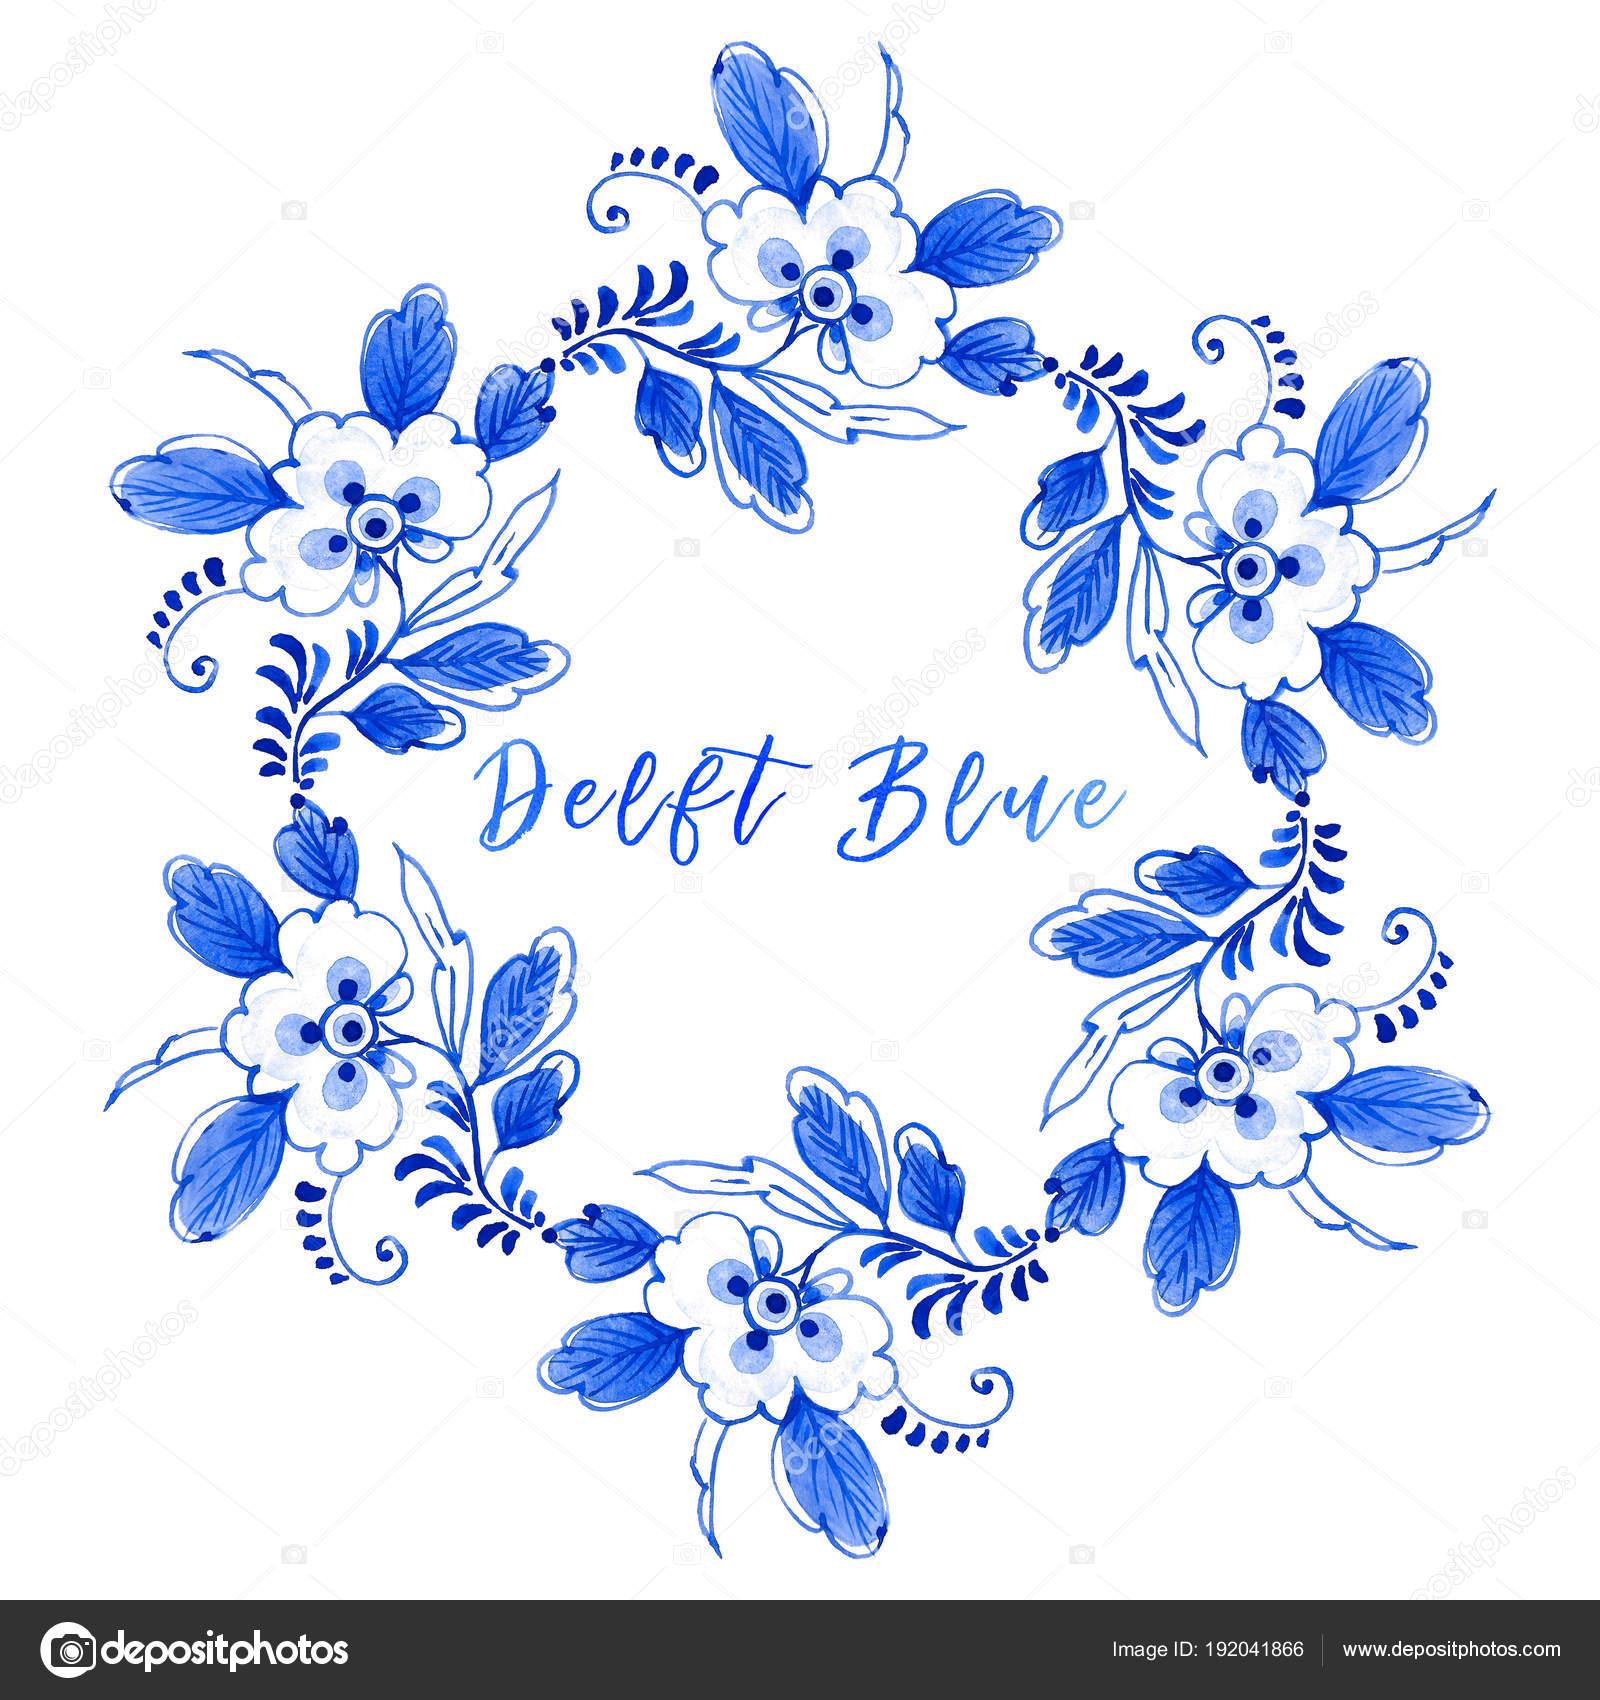 watercolour floral circular border delft blue style wreath